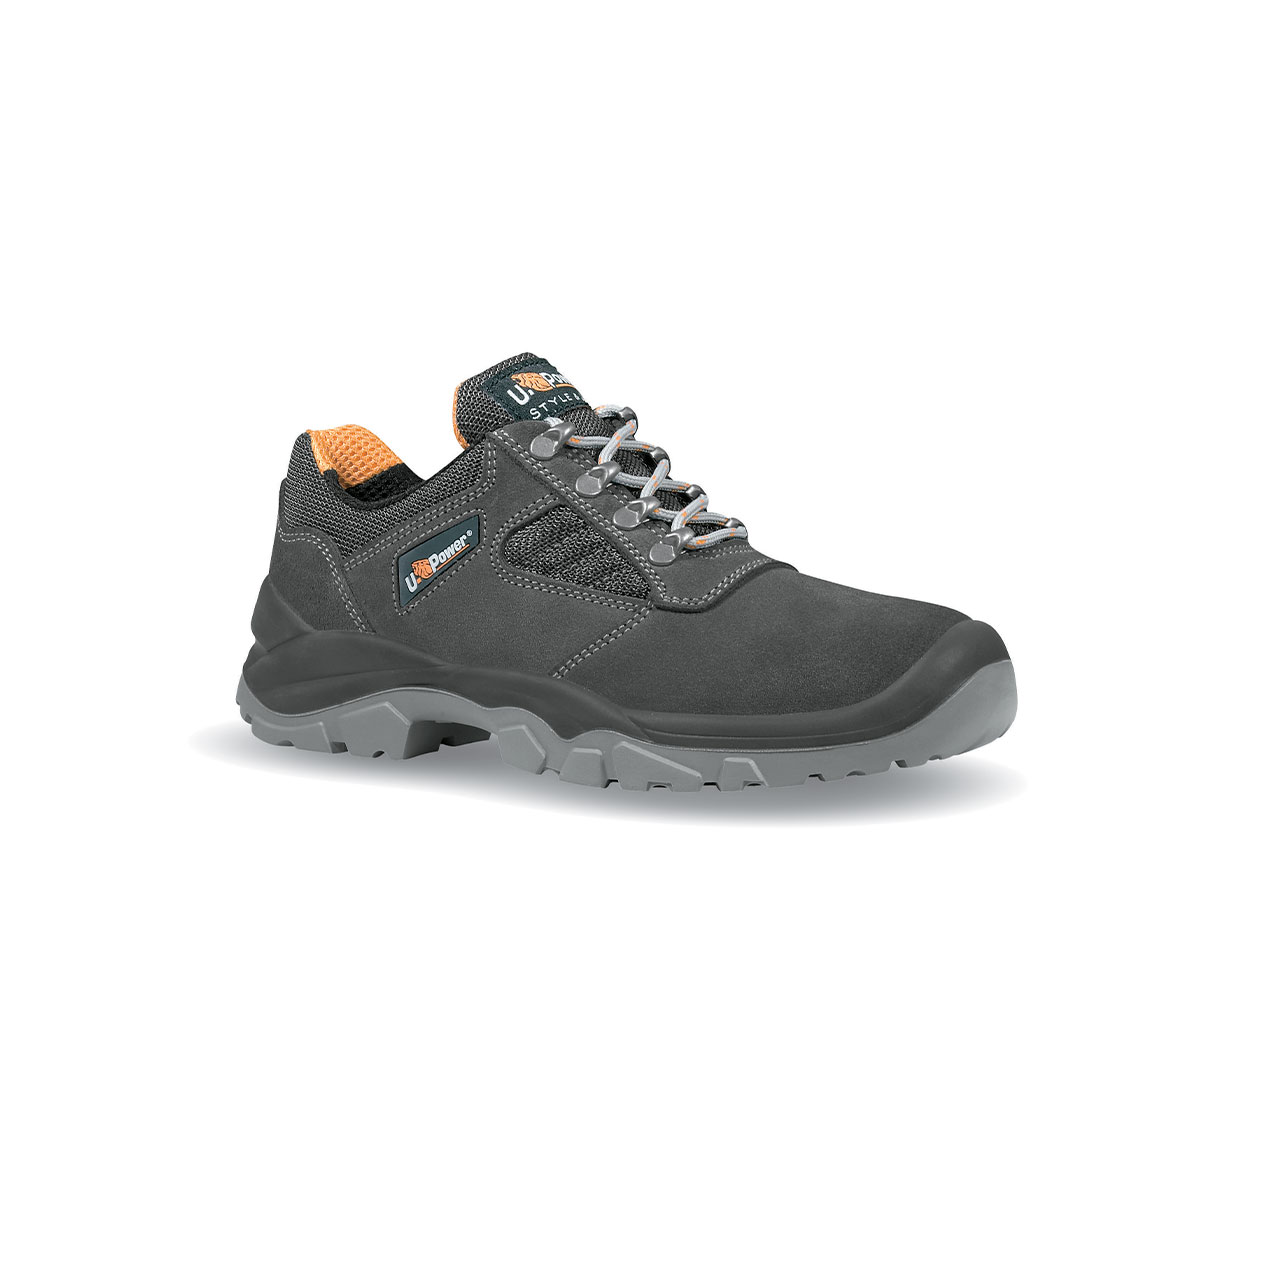 scarpa antinfortunistica upower modello tudor linea STYLE_JOB vista laterale